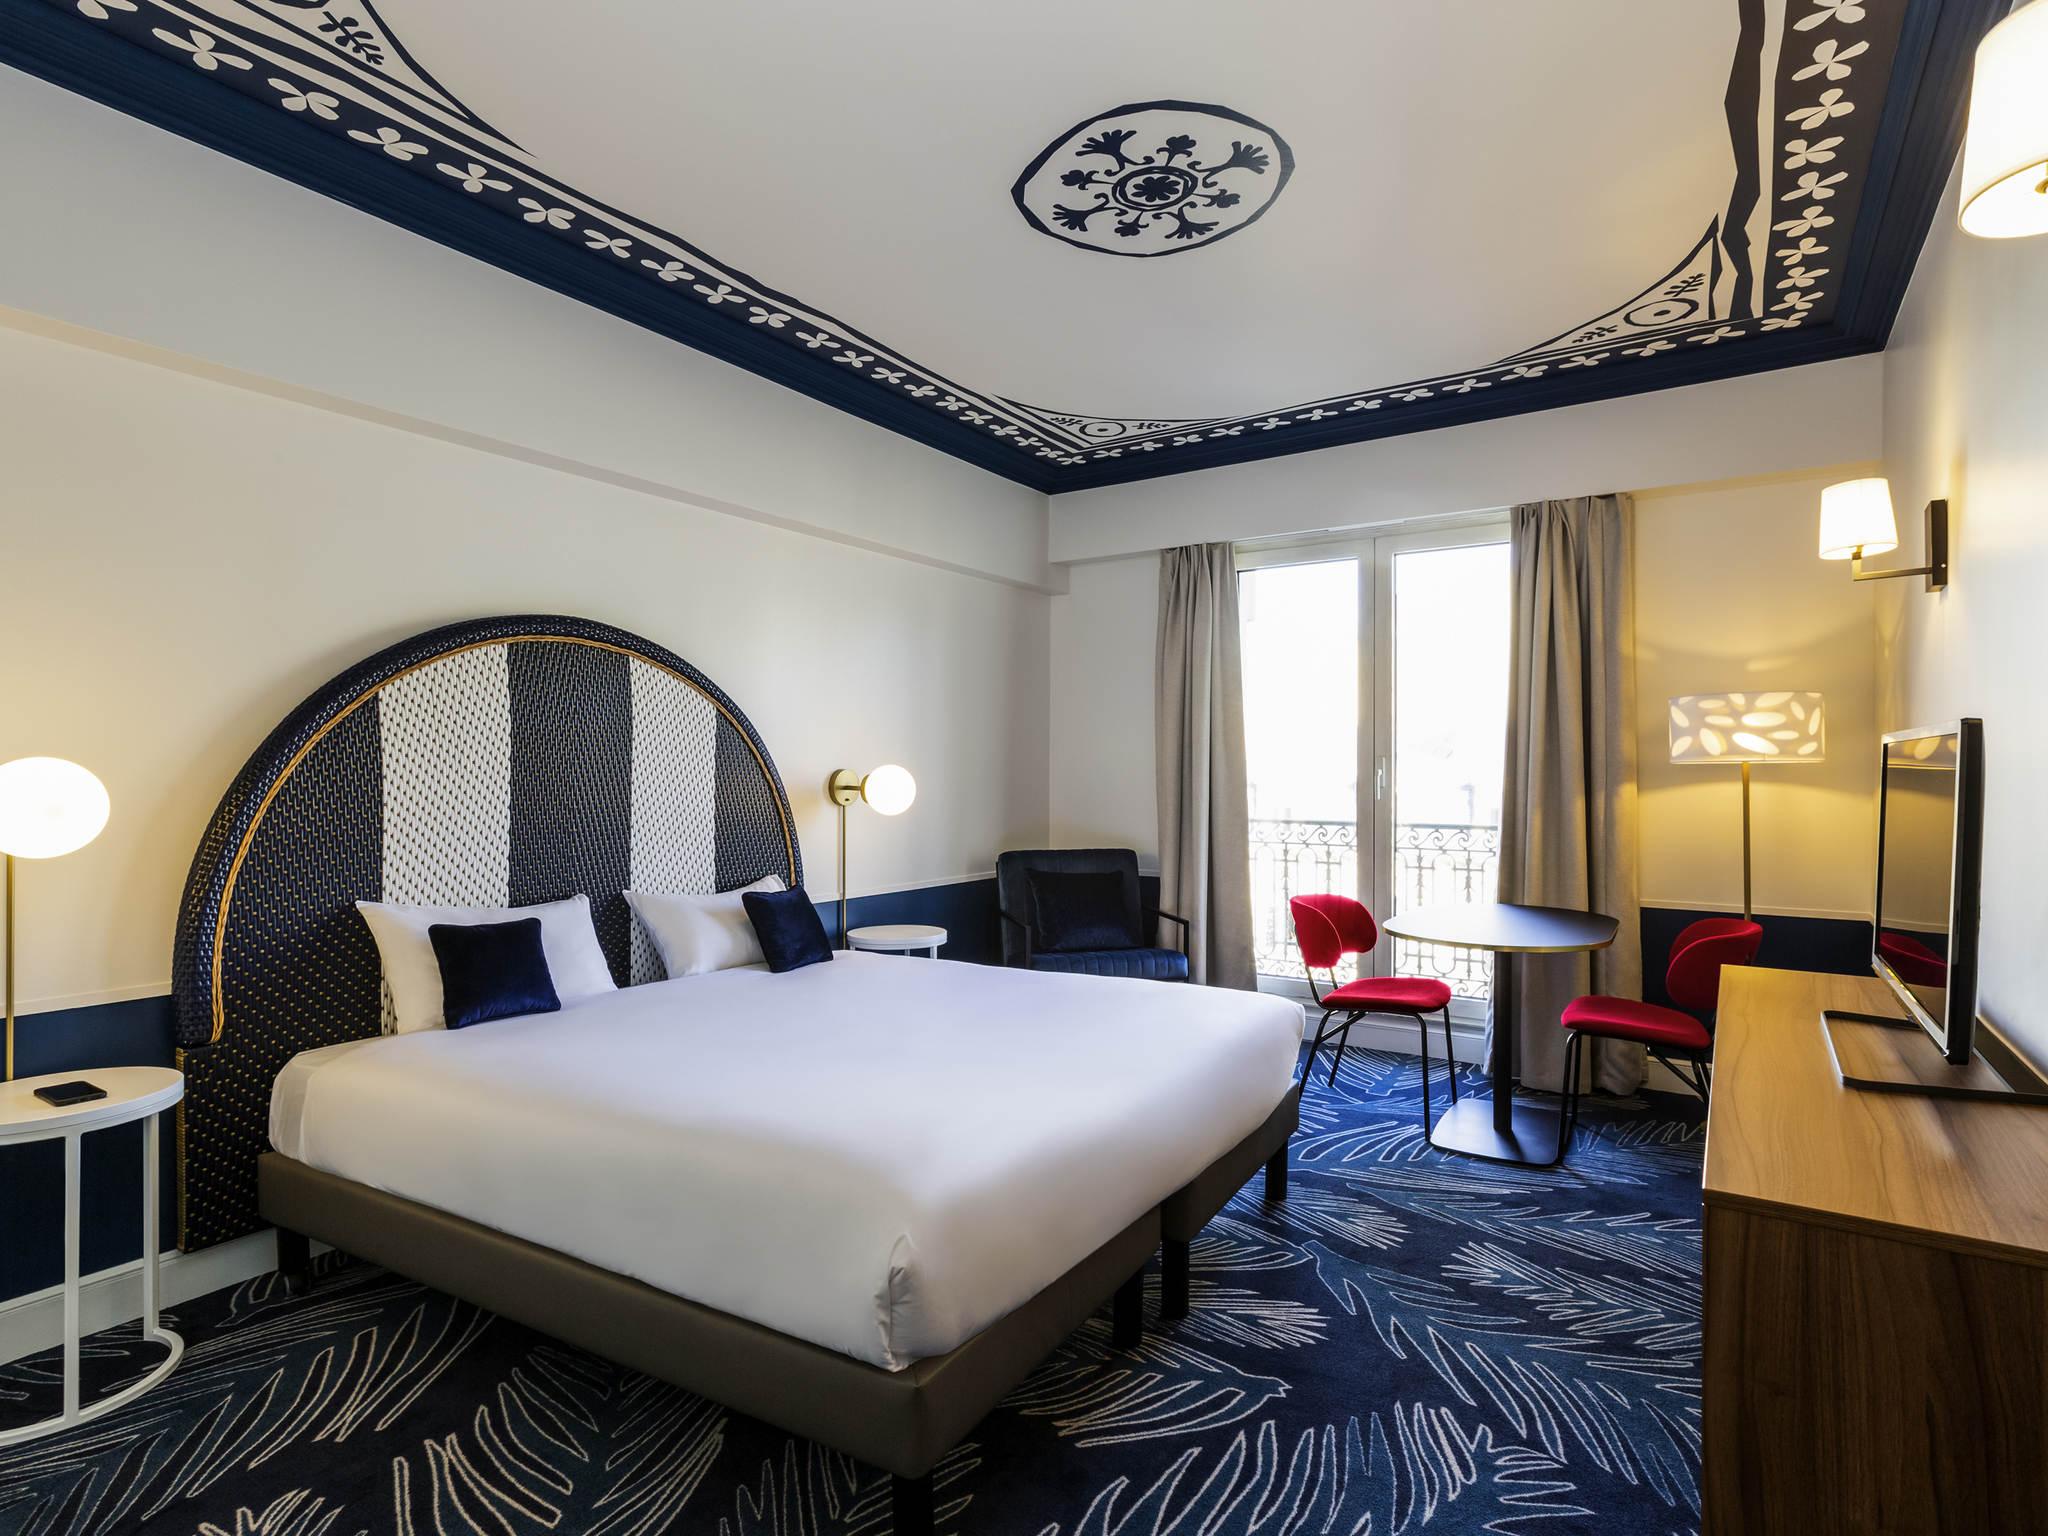 Hotel – Aparthotel Adagio Parigi Haussmann